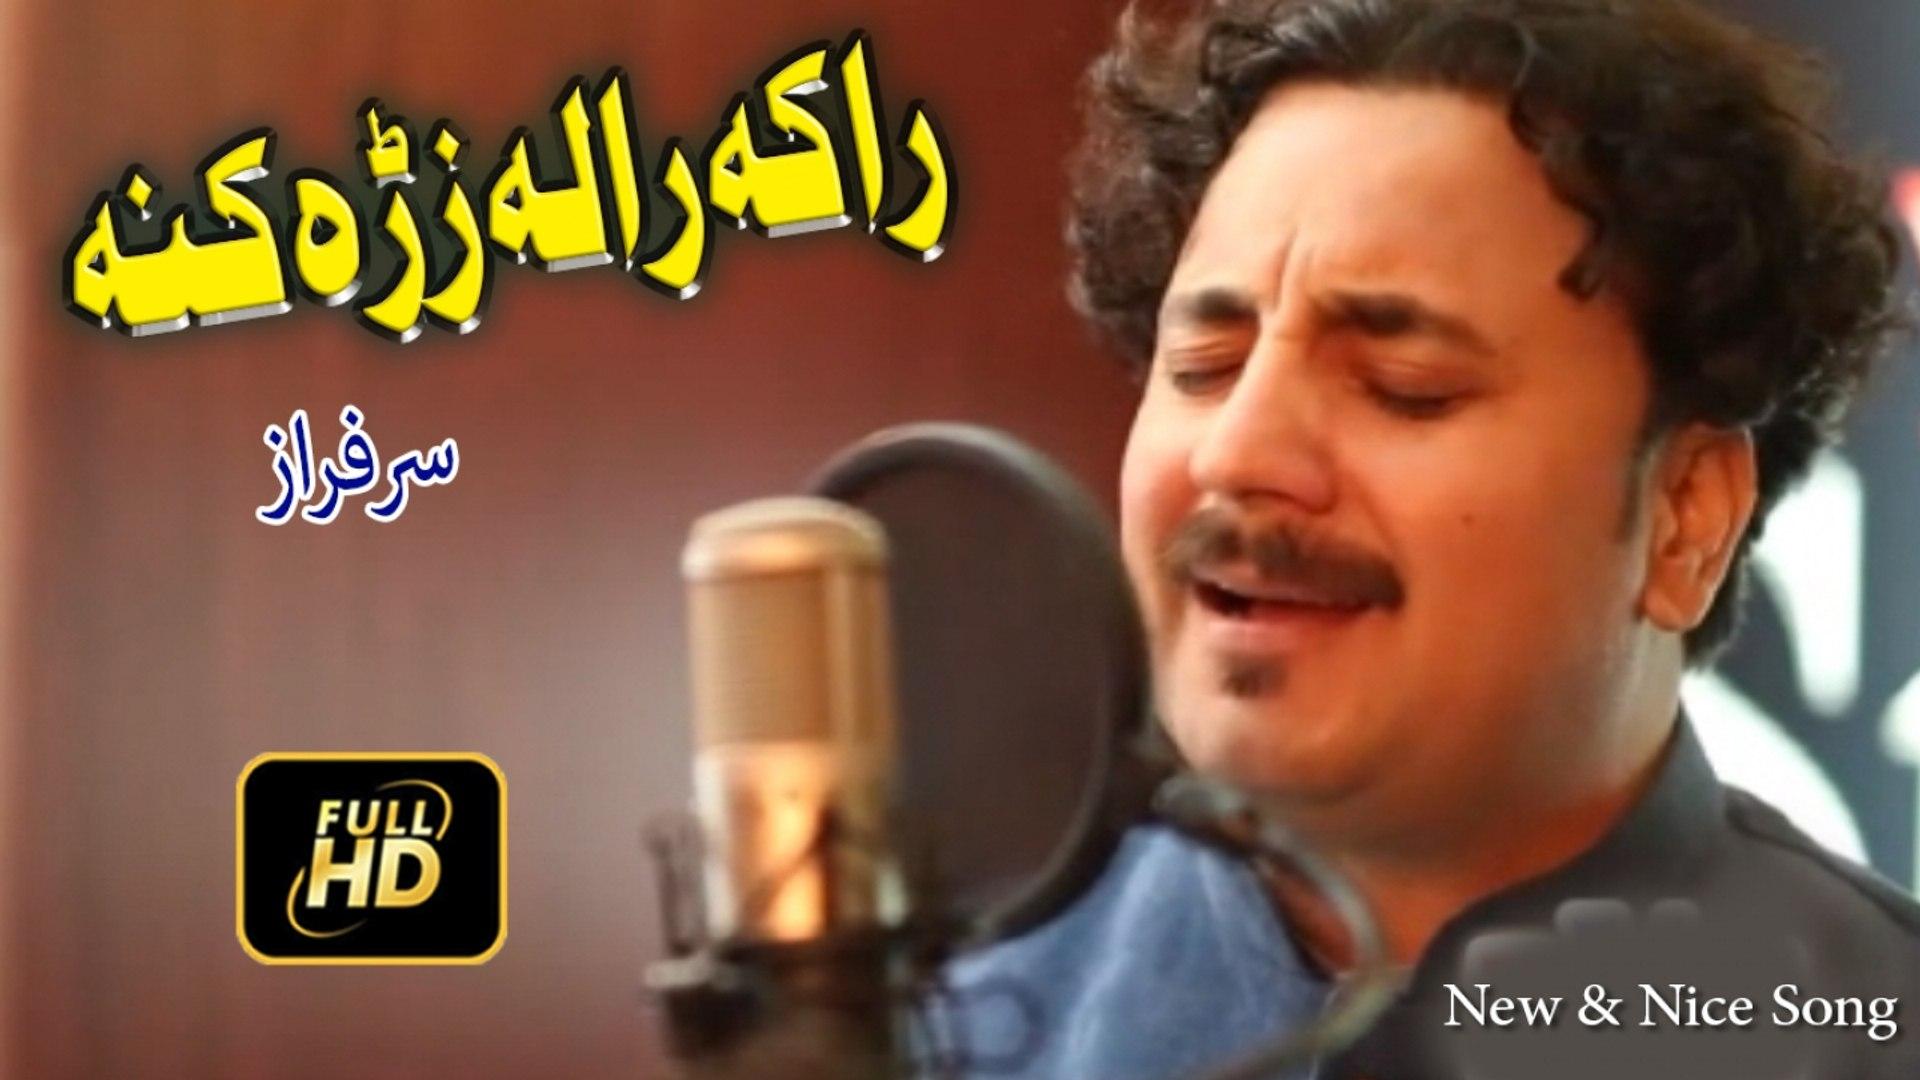 Sarfaraz Pashto New HD song - Raka Rala Zre kana